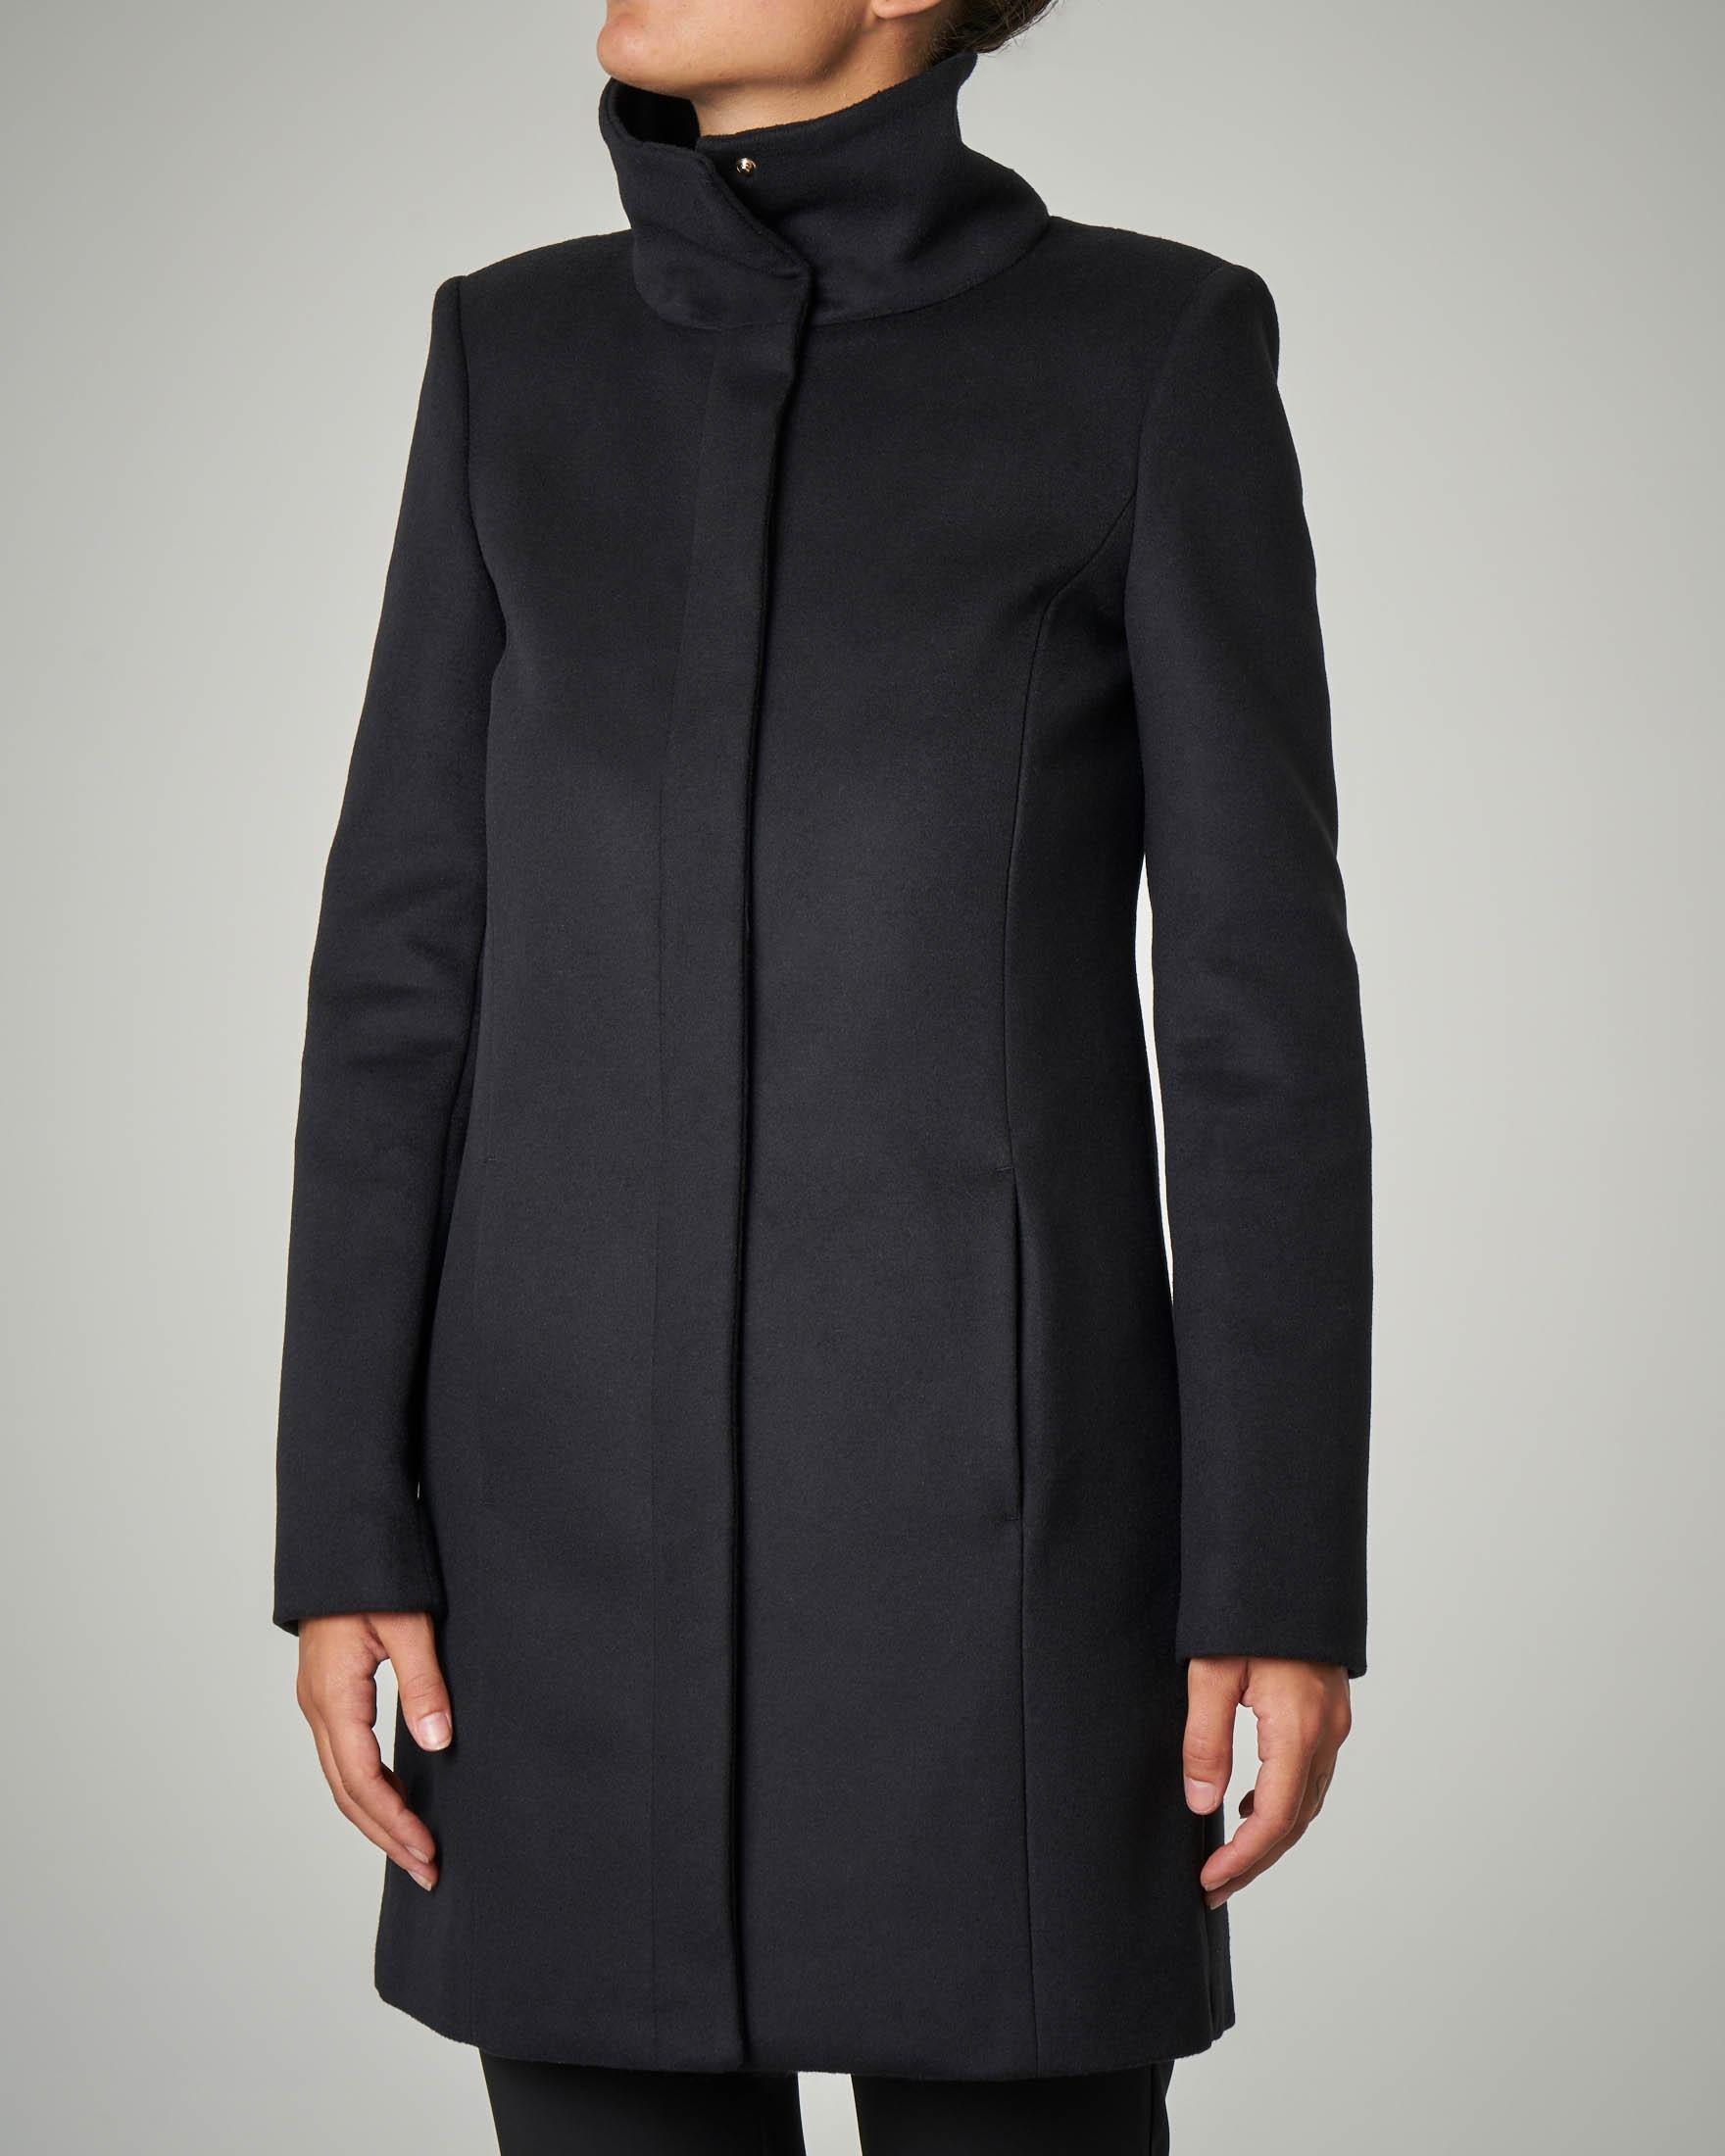 Cappotto nero con collo alto